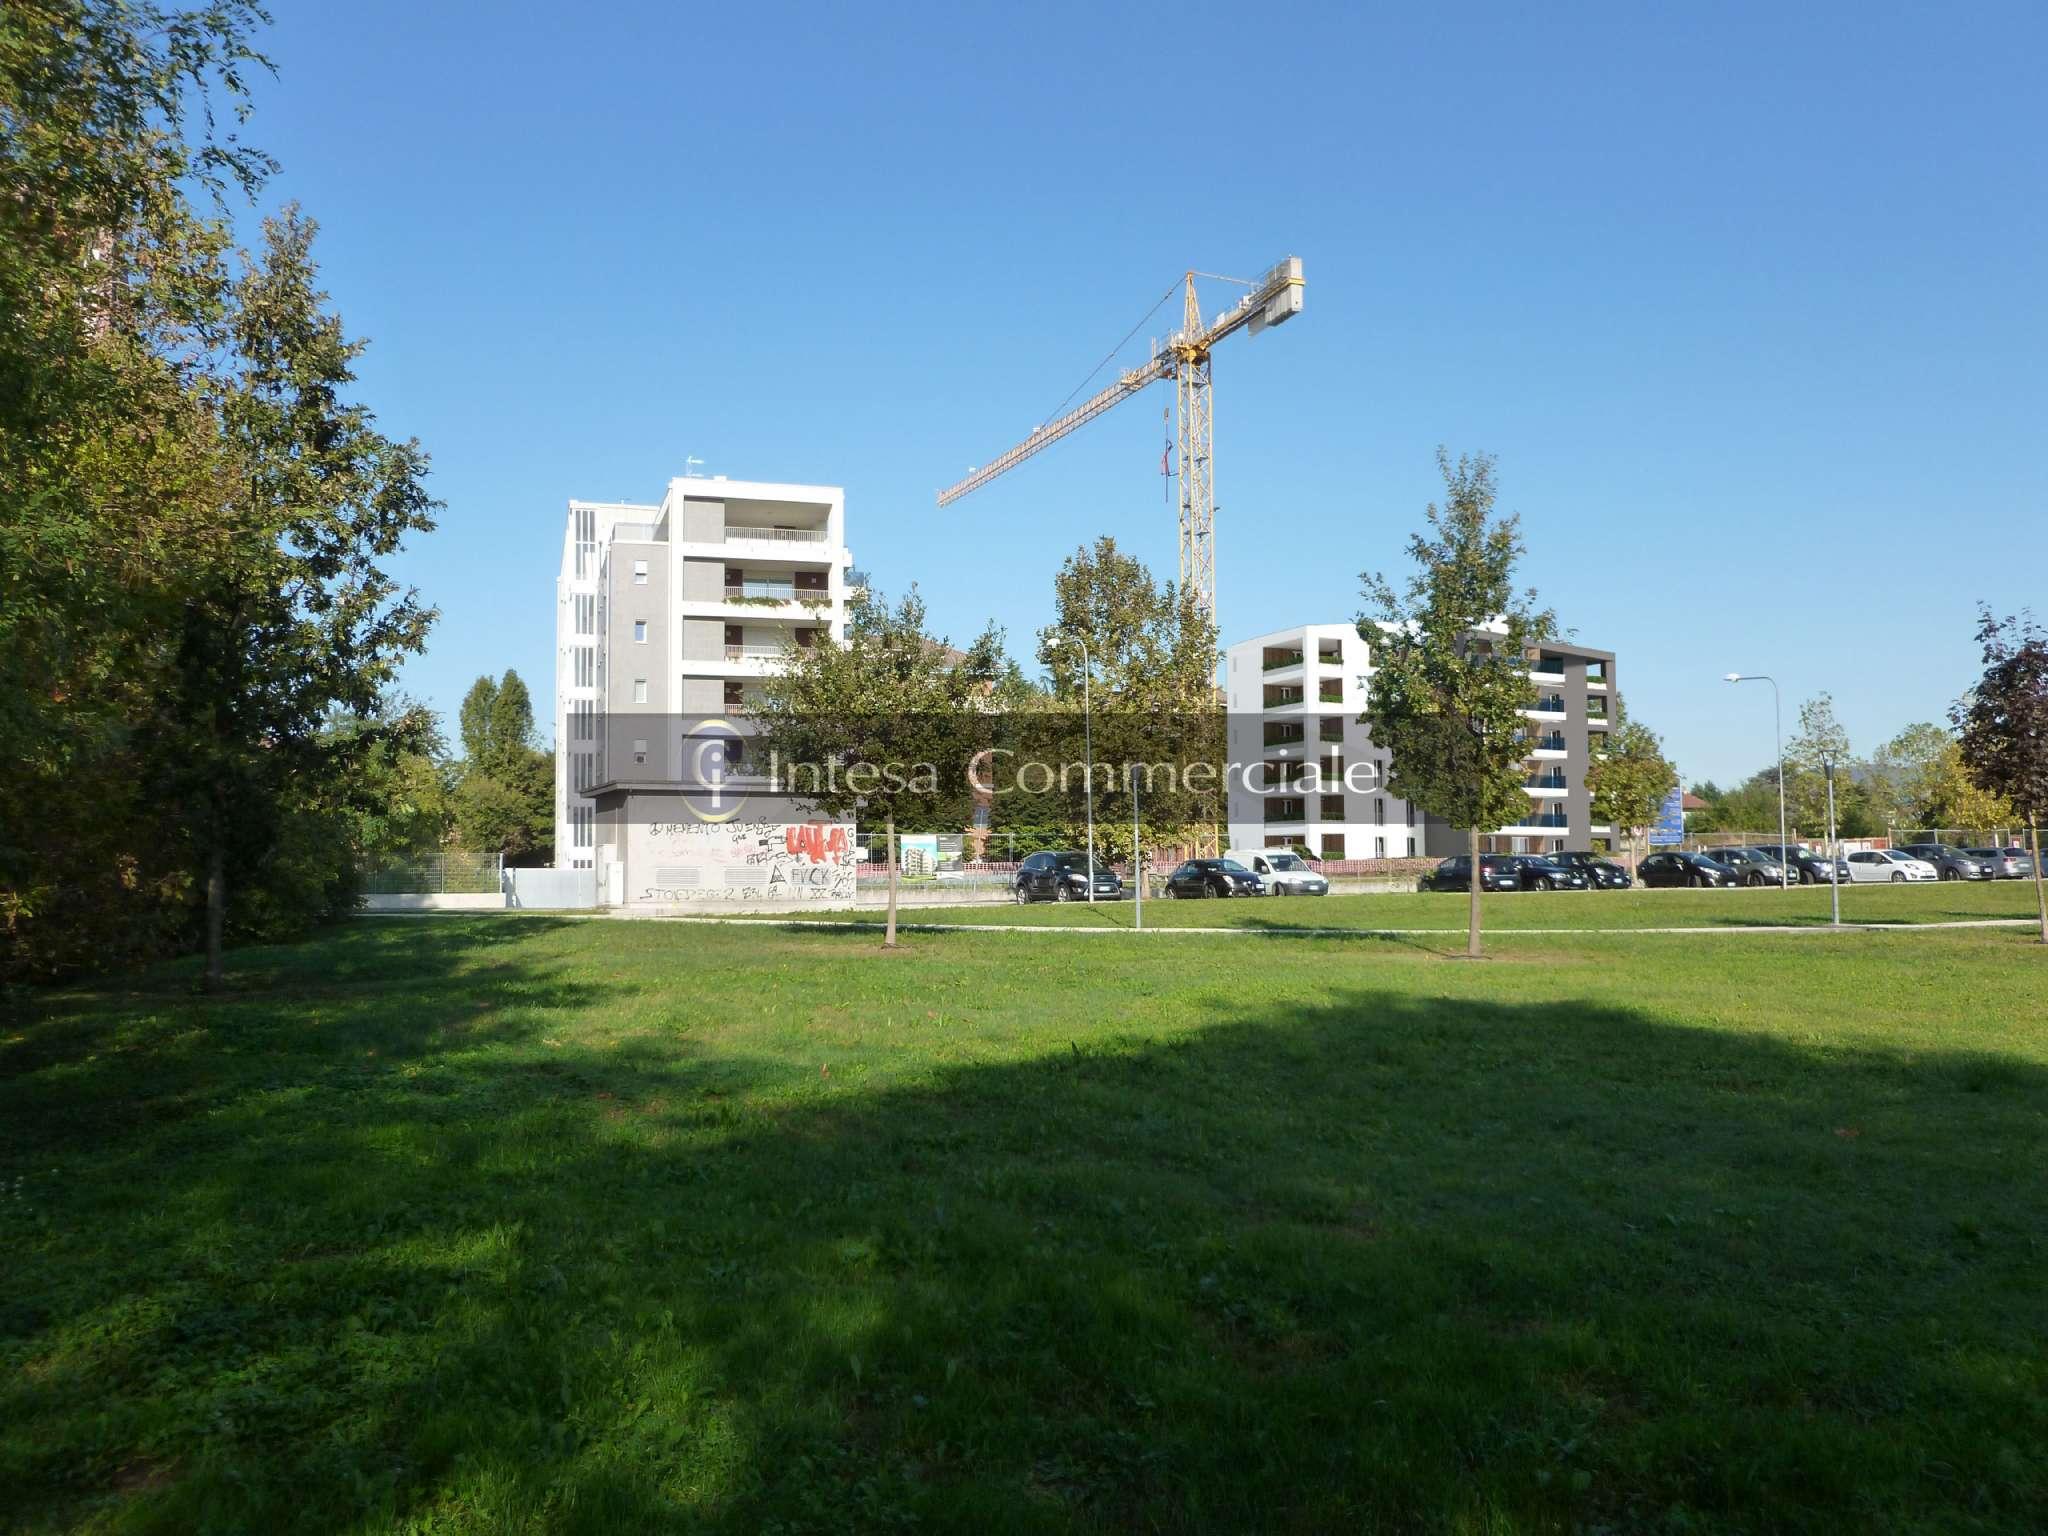 Appartamento in vendita a Brescia, 4 locali, prezzo € 380.000   PortaleAgenzieImmobiliari.it